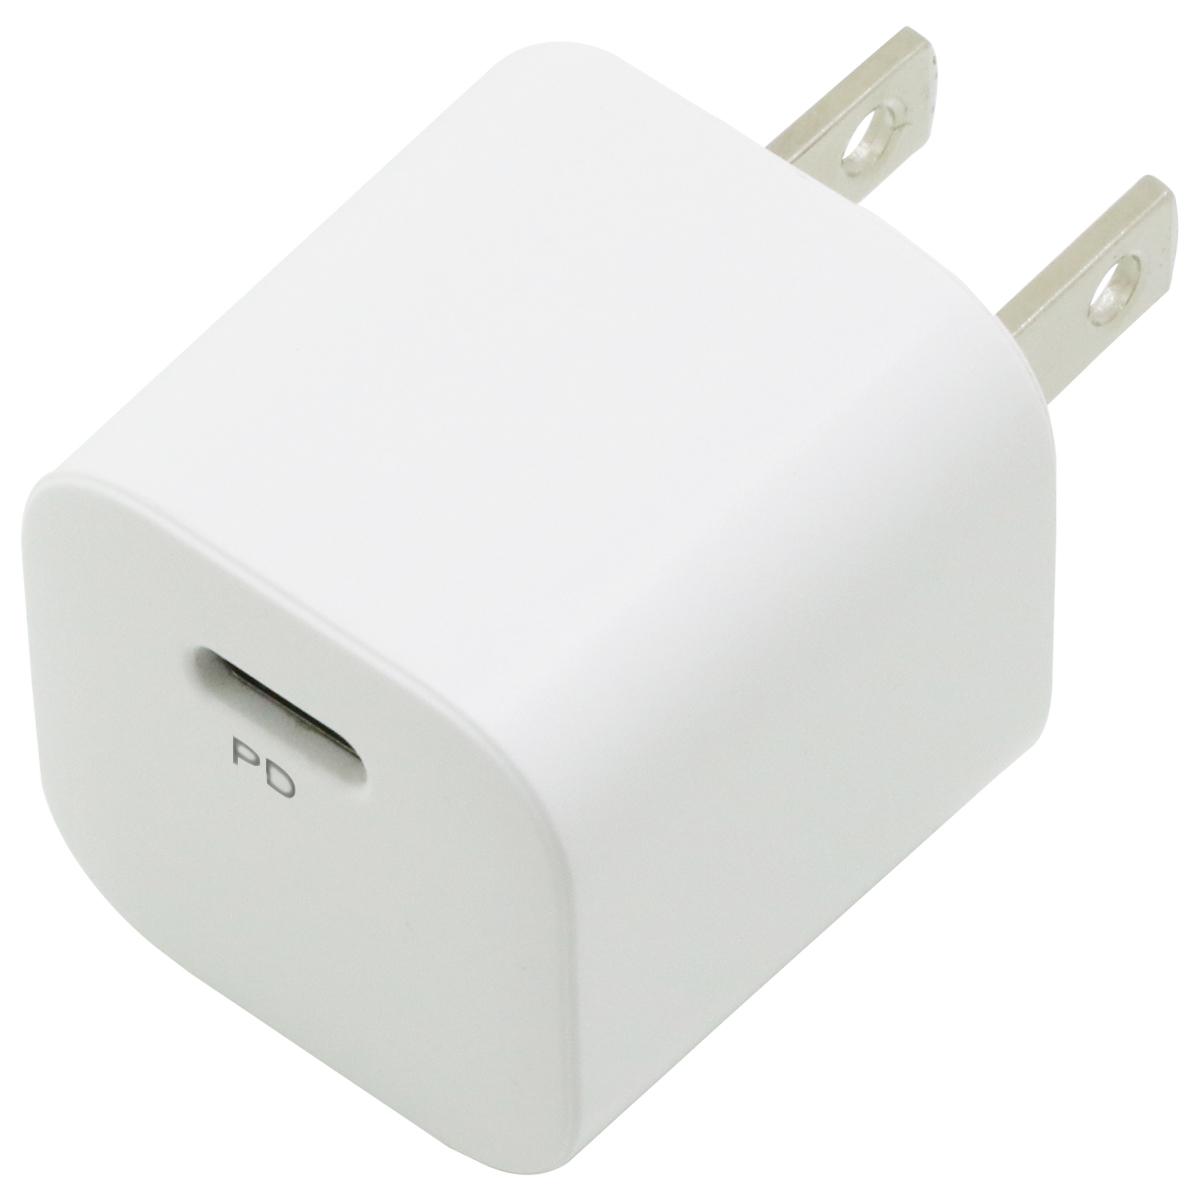 エコパッケージ版PD対応Type-Cポート極小AC充電器20W S